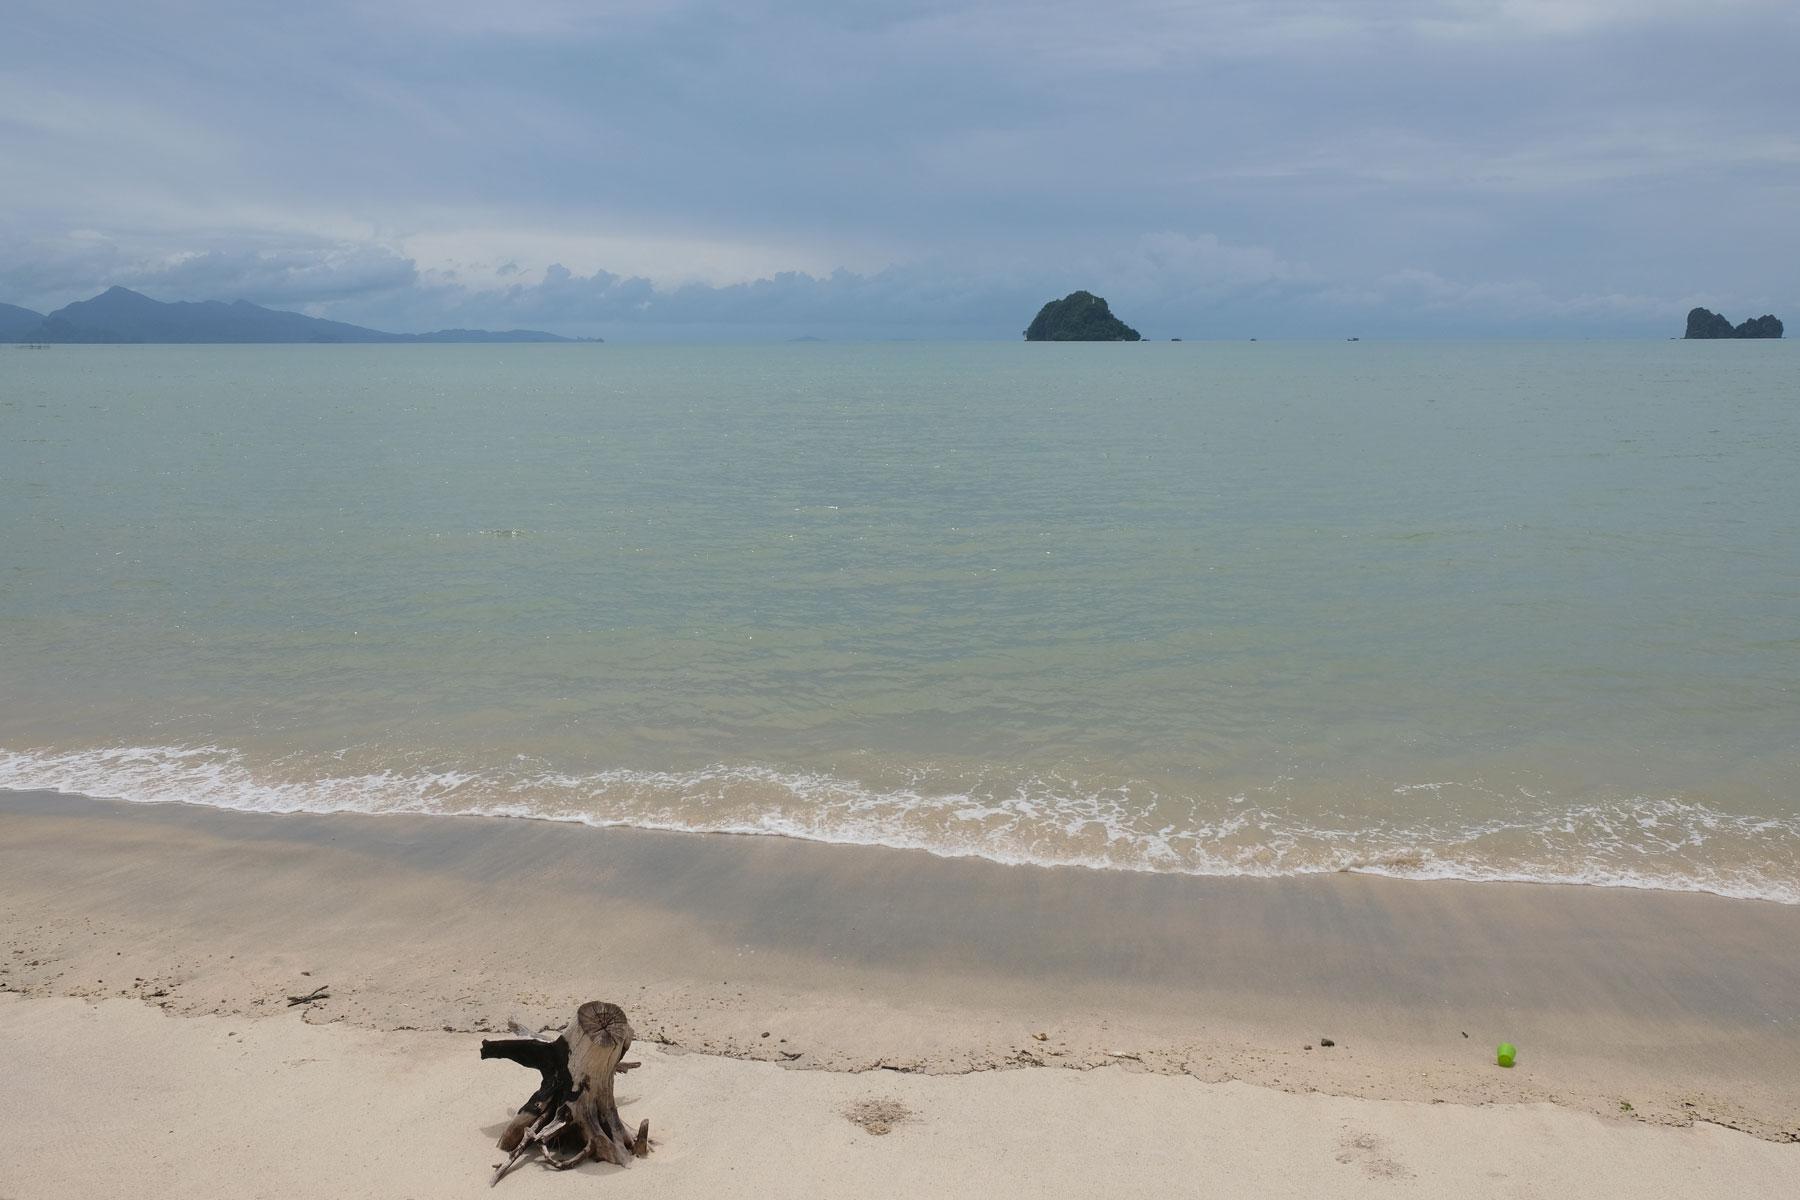 Der Strand von Pantai Tanjung Rhu auf Langkawi.